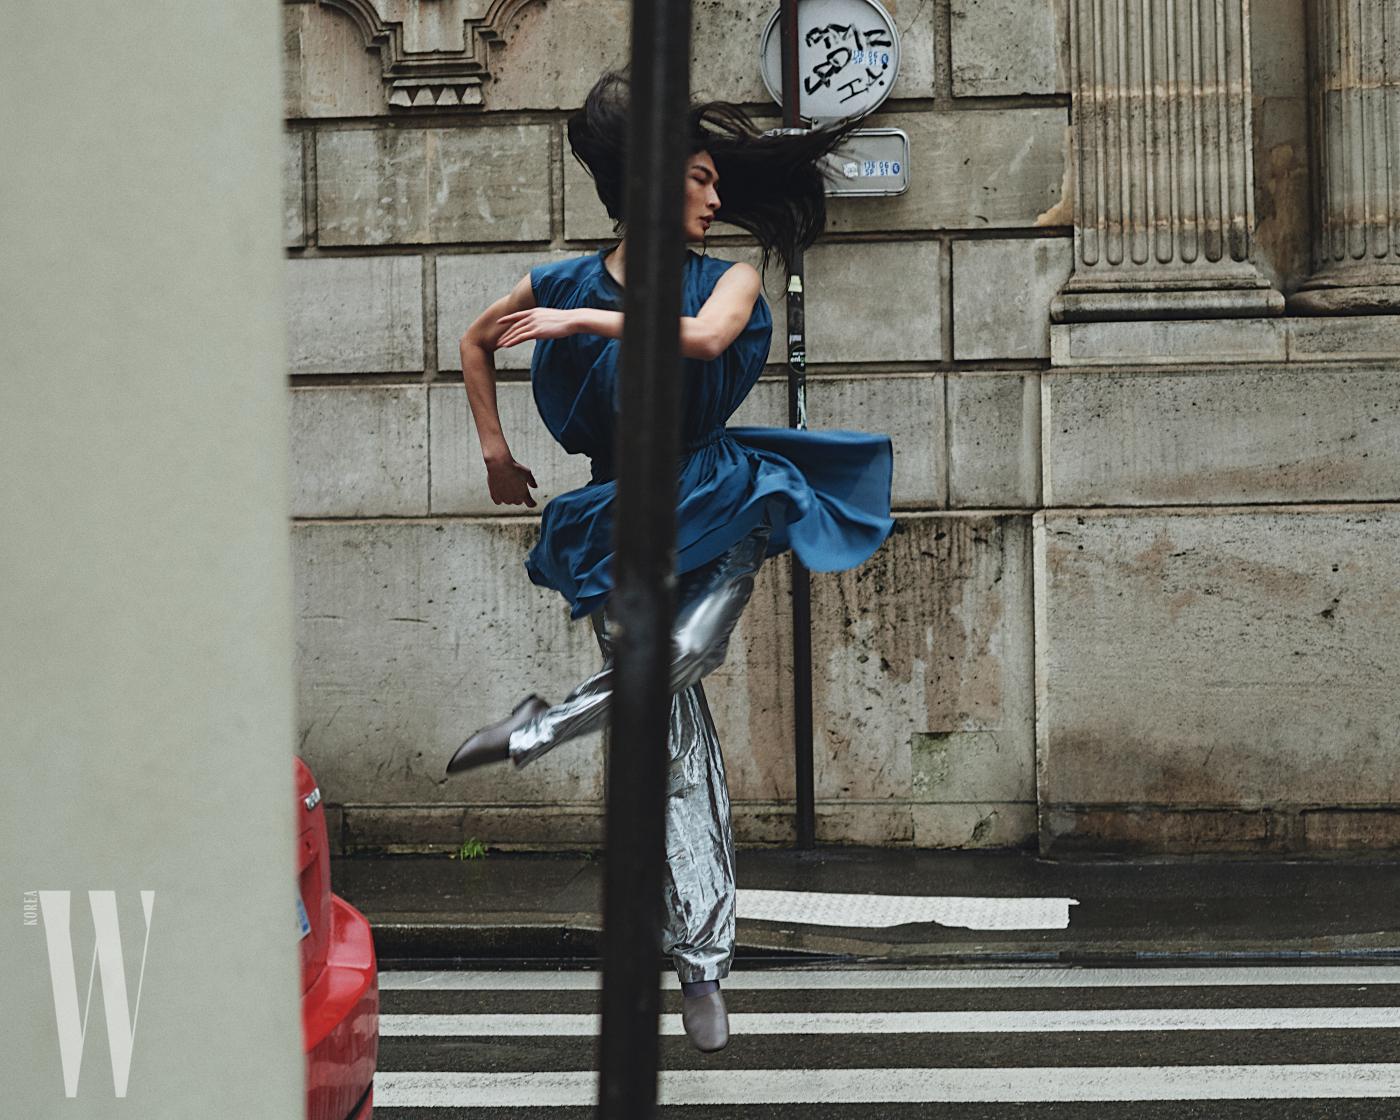 청록색 주름 드레스와 슈즈는 Lemaire, 자연스러운 구김이 멋진 은색 팬츠는 Sean Suen 제품.